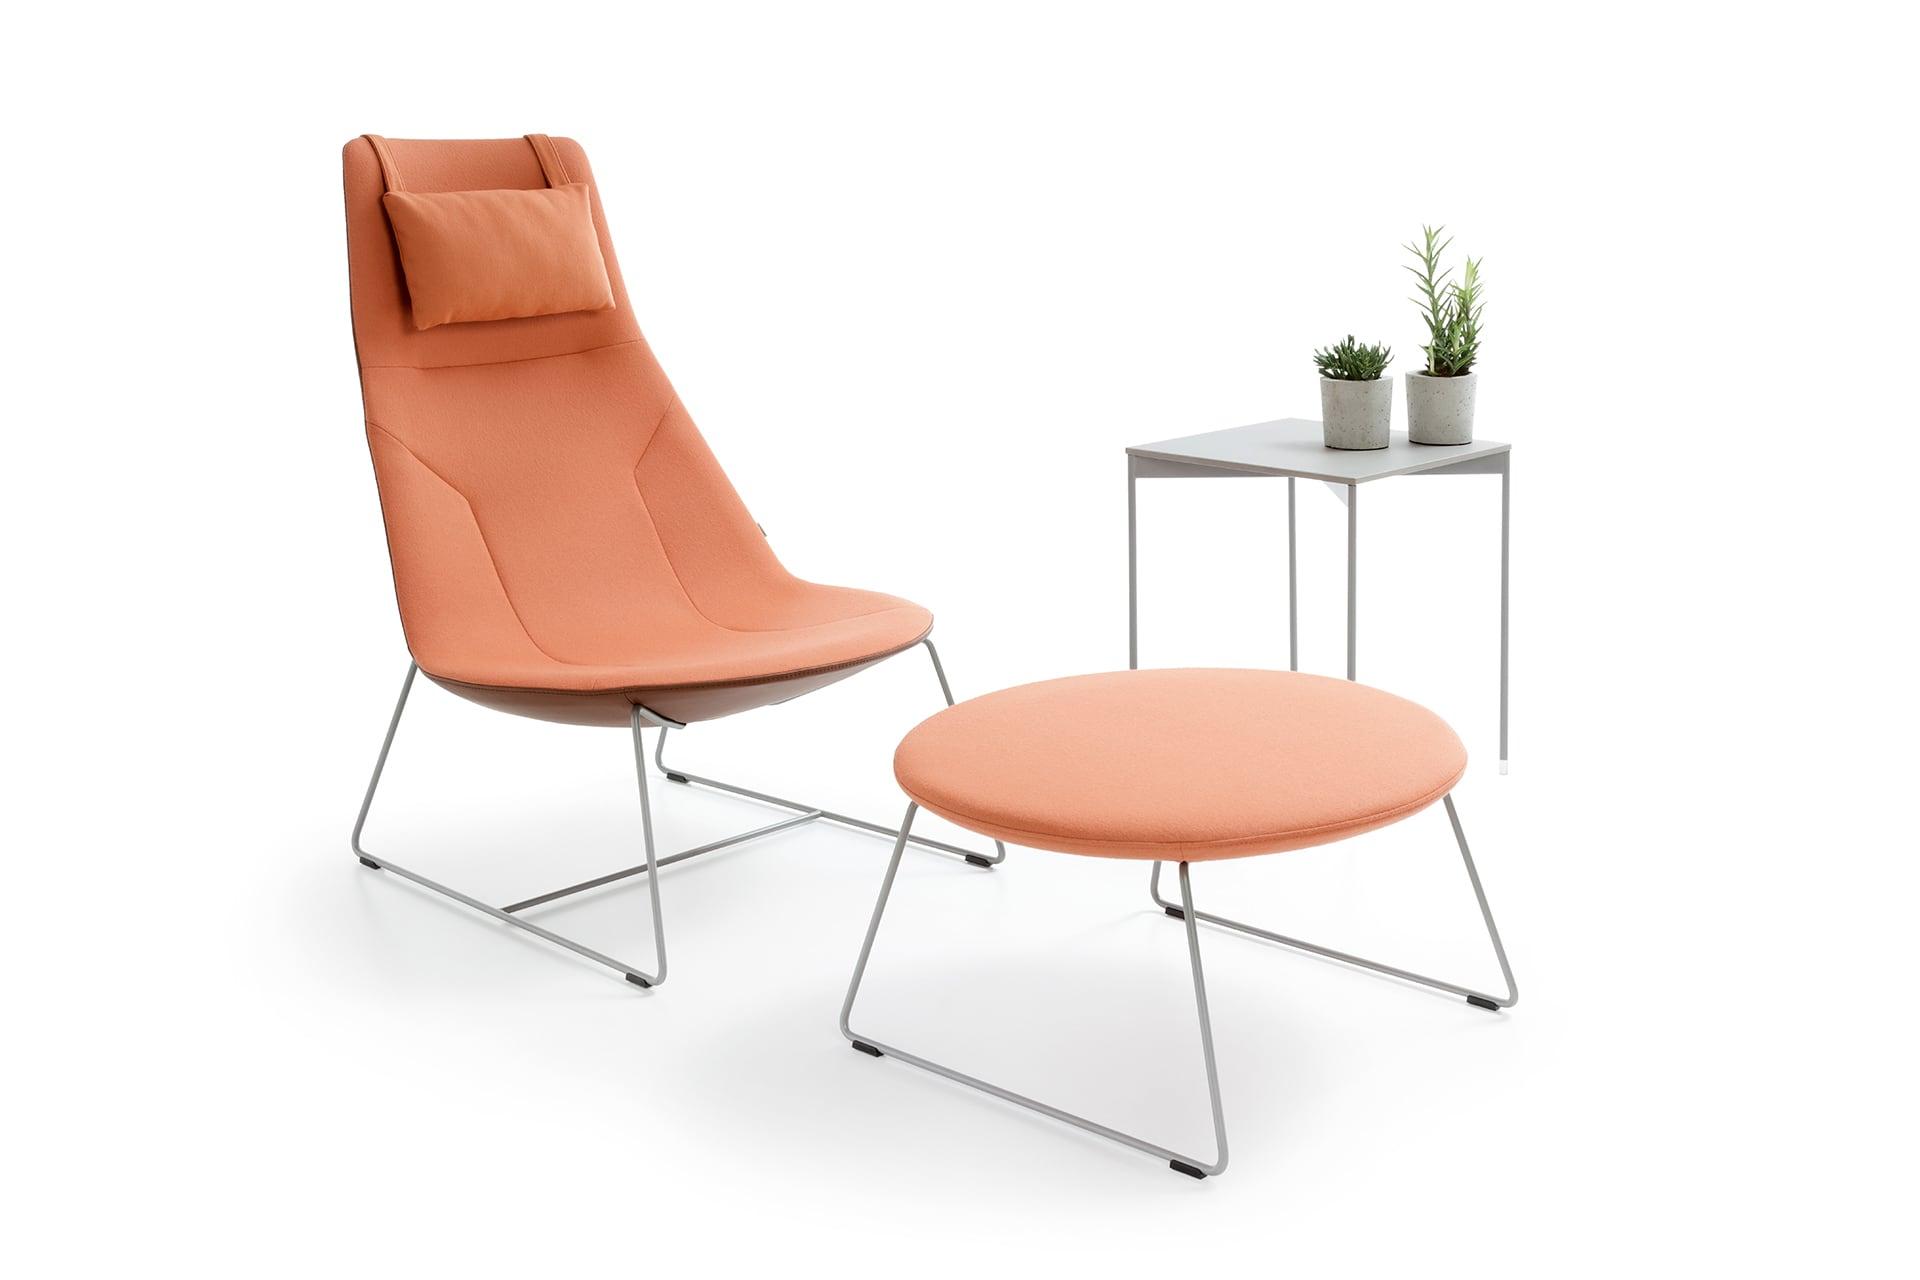 Fotel wypoczynkowy skórzany Chic Lounge